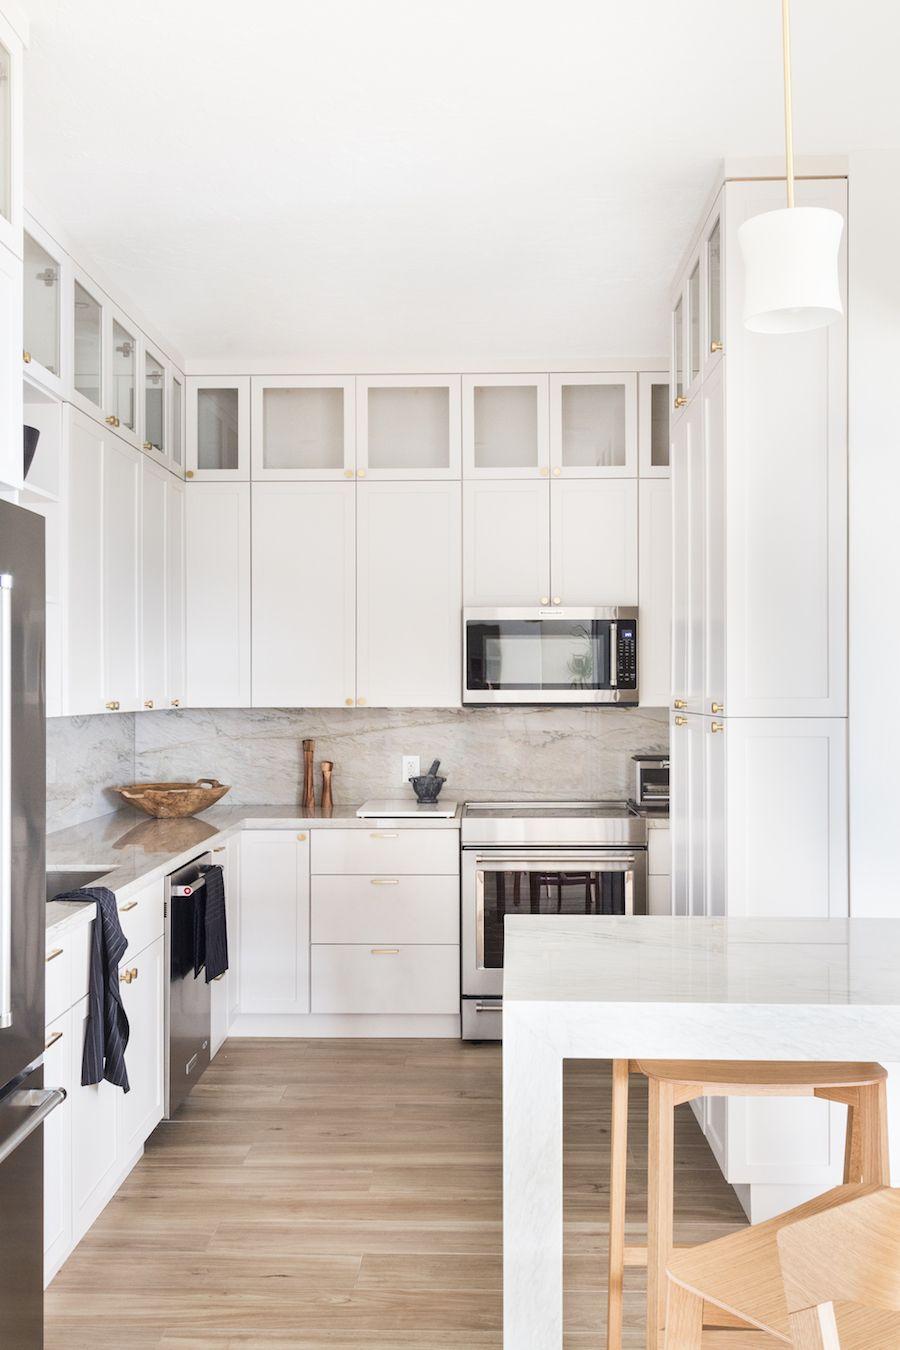 Lilaliv | Interior Design Blog | home | Pinterest